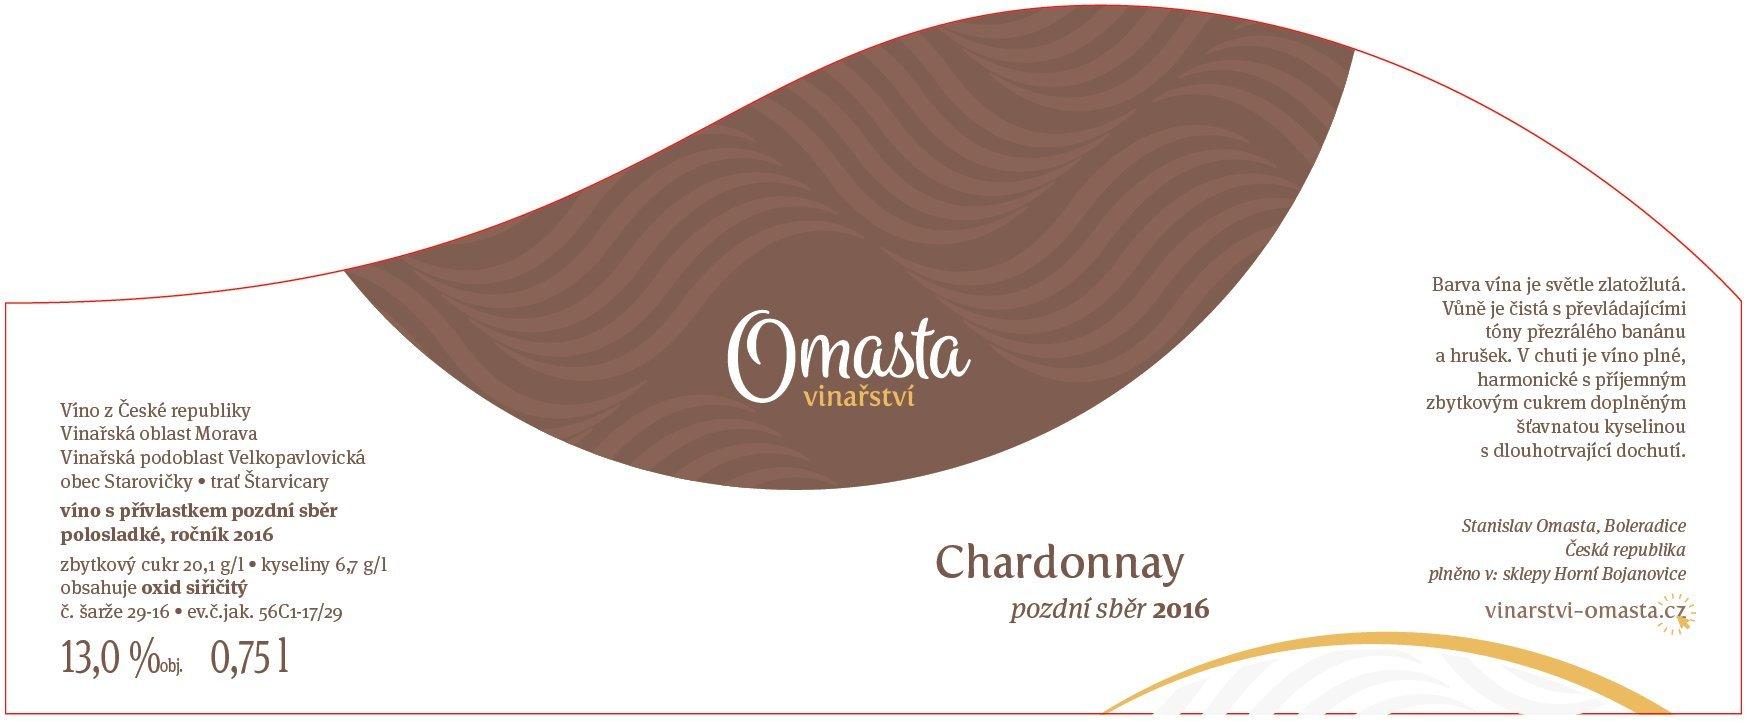 Vinařství Omasta - Chardonnay - Pozdní sběr 2016 - 0,75l (balení 6 lahví)